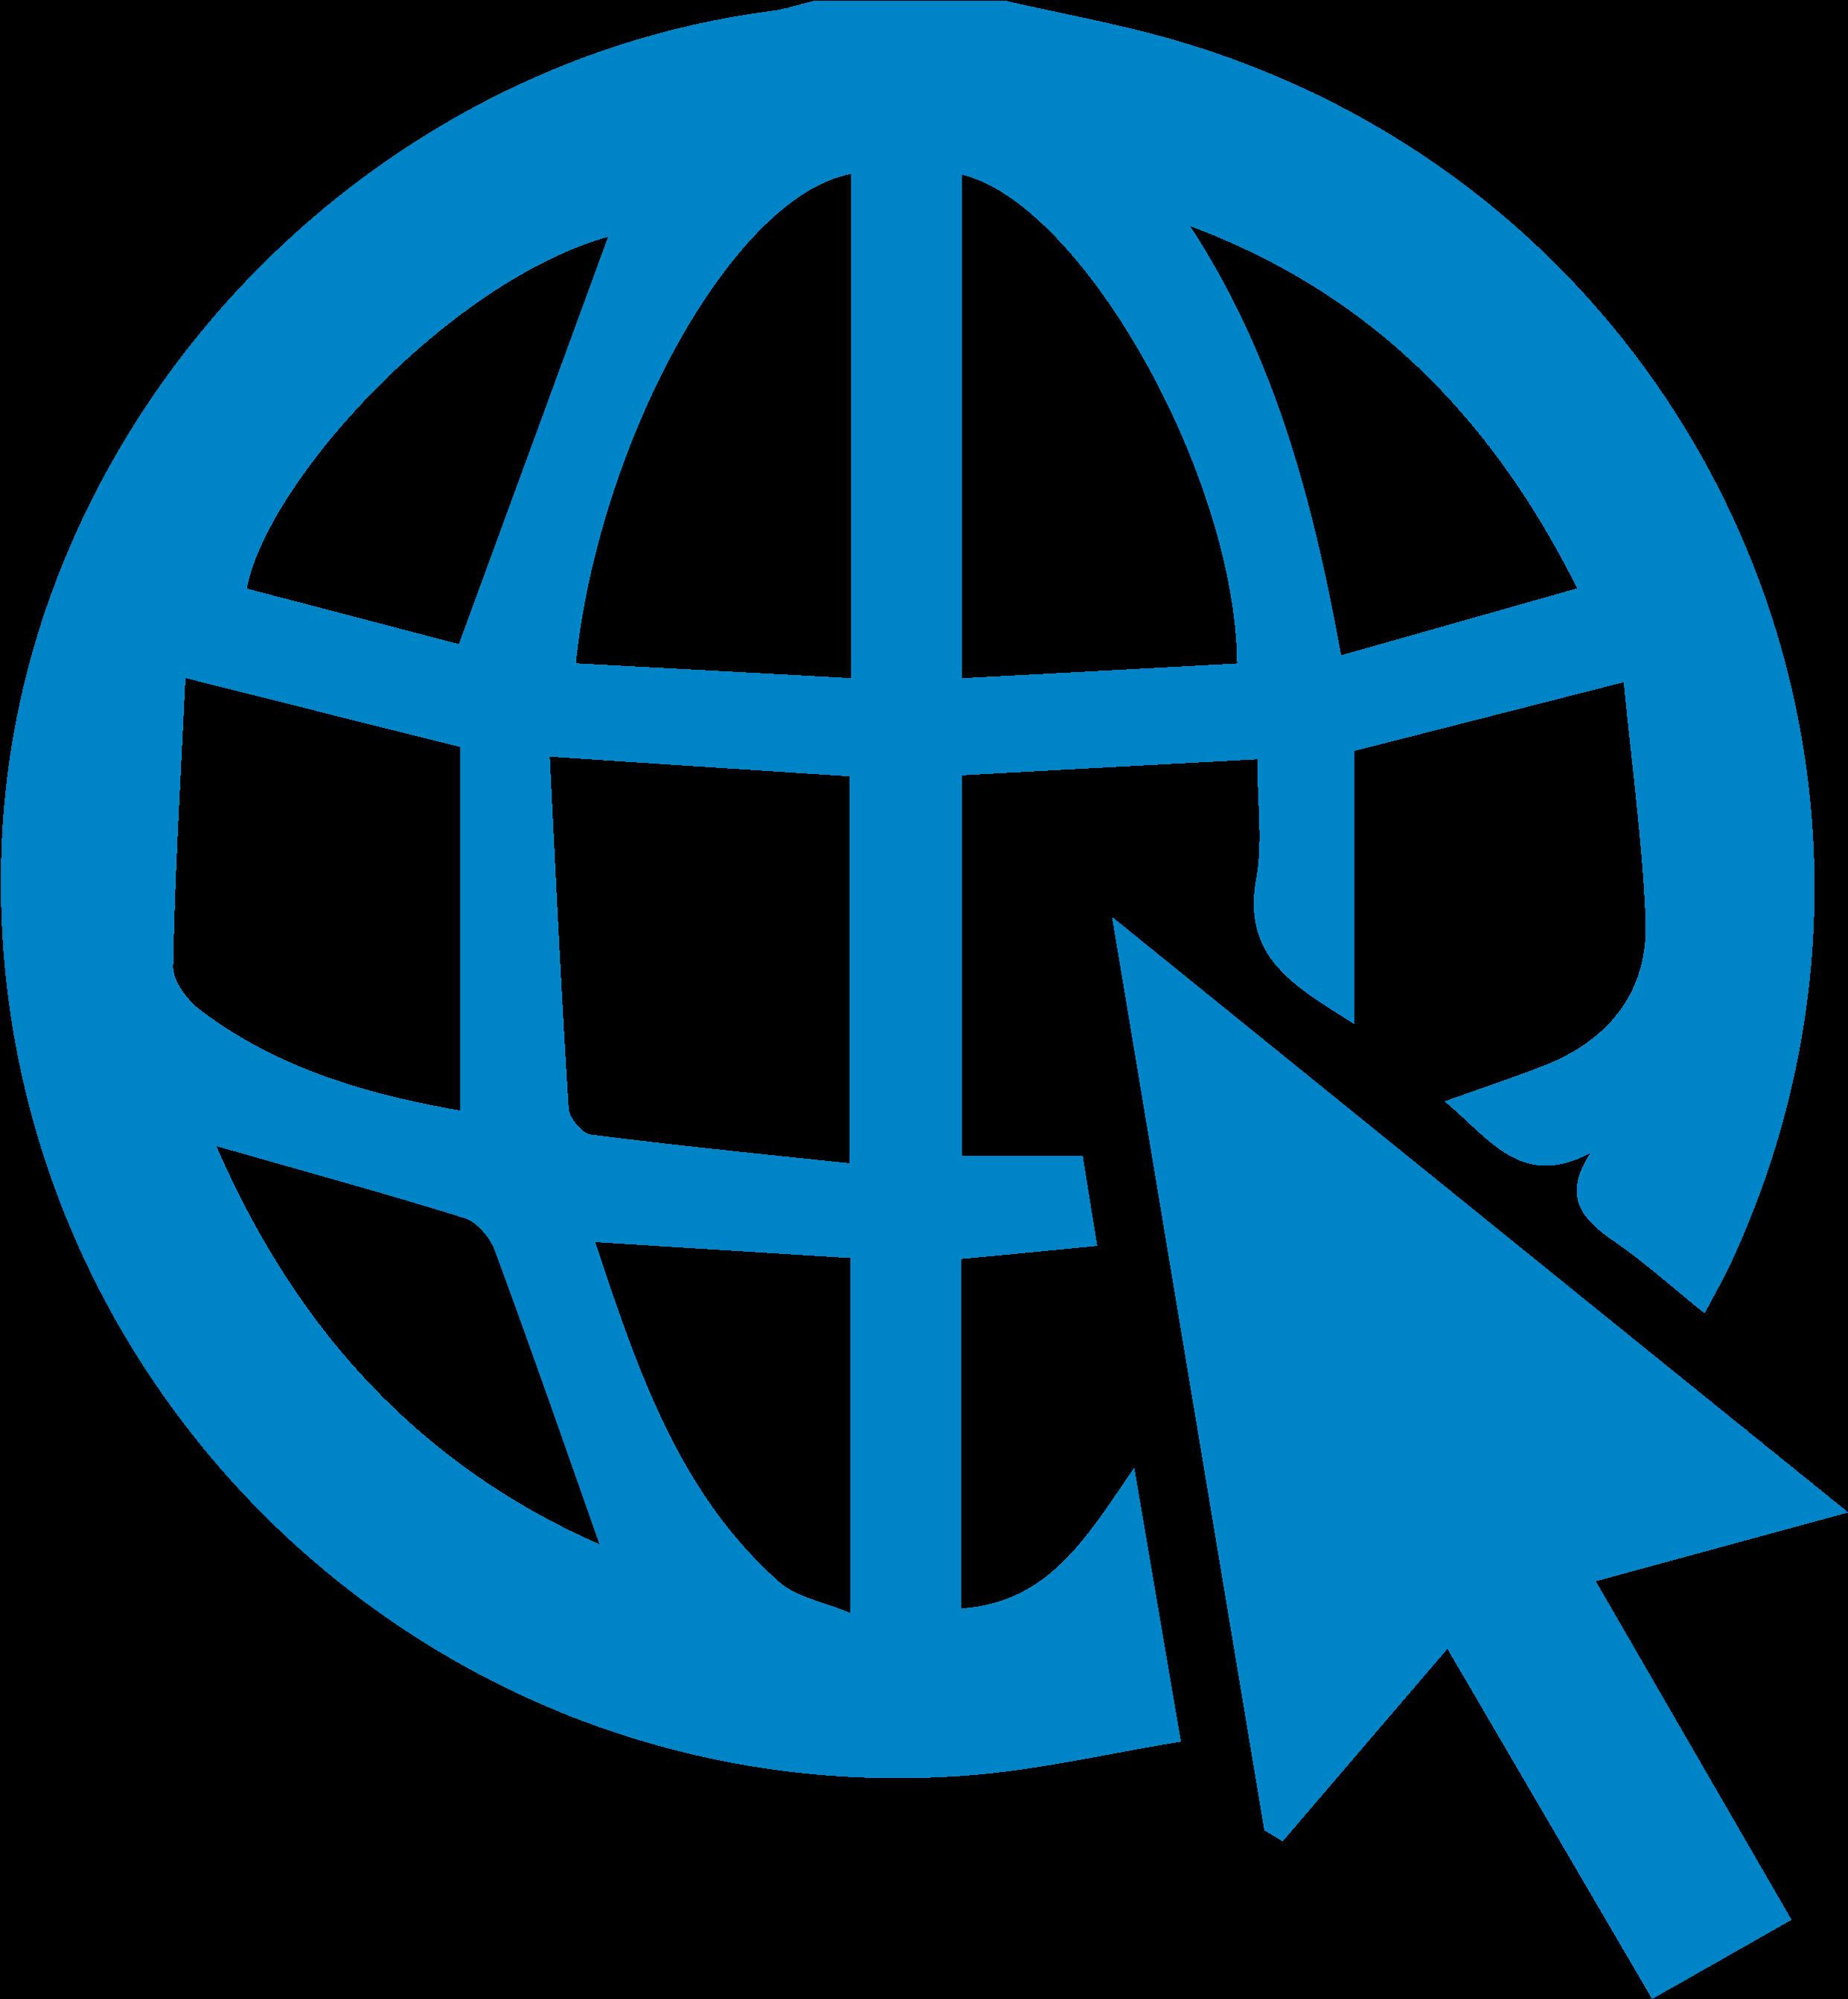 Web-Maturmacherei Datierung der Vertragsvereinbarung